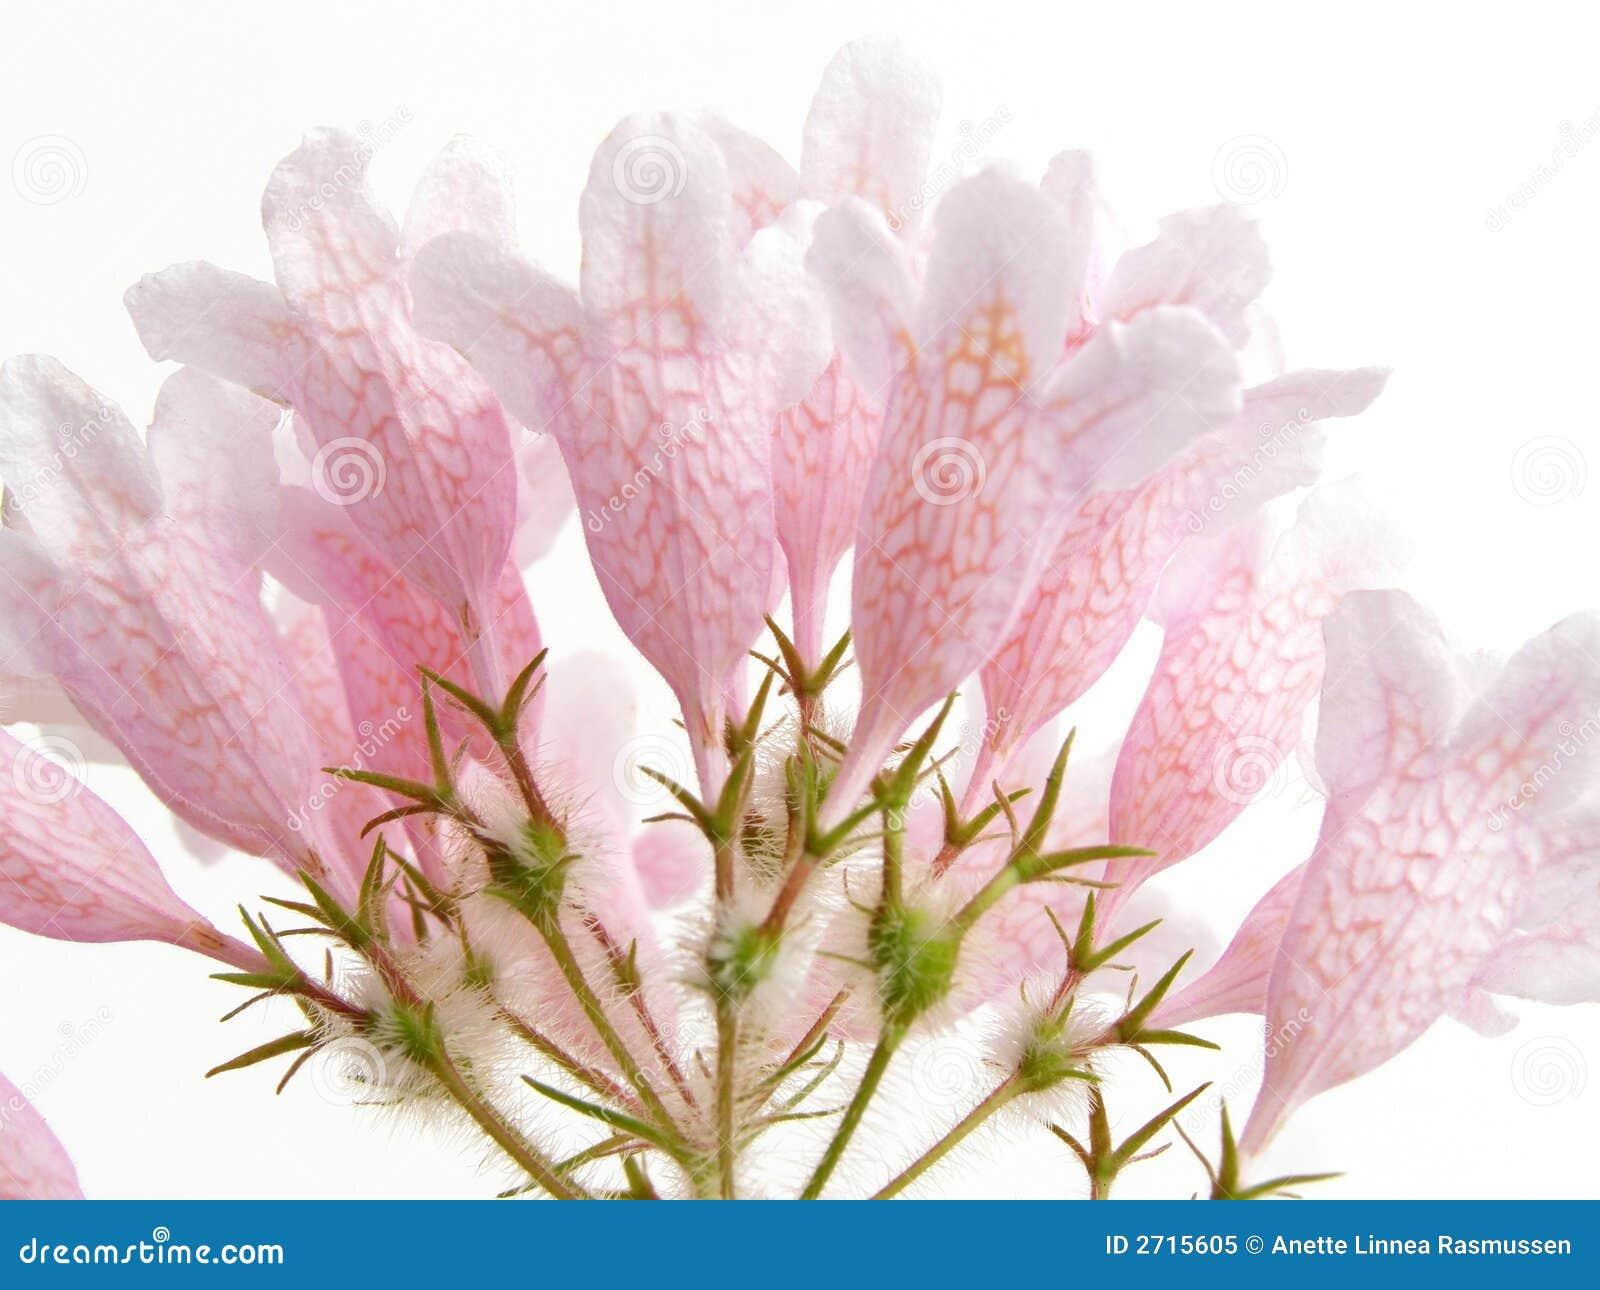 ροζ θάμνων ομορφιάς